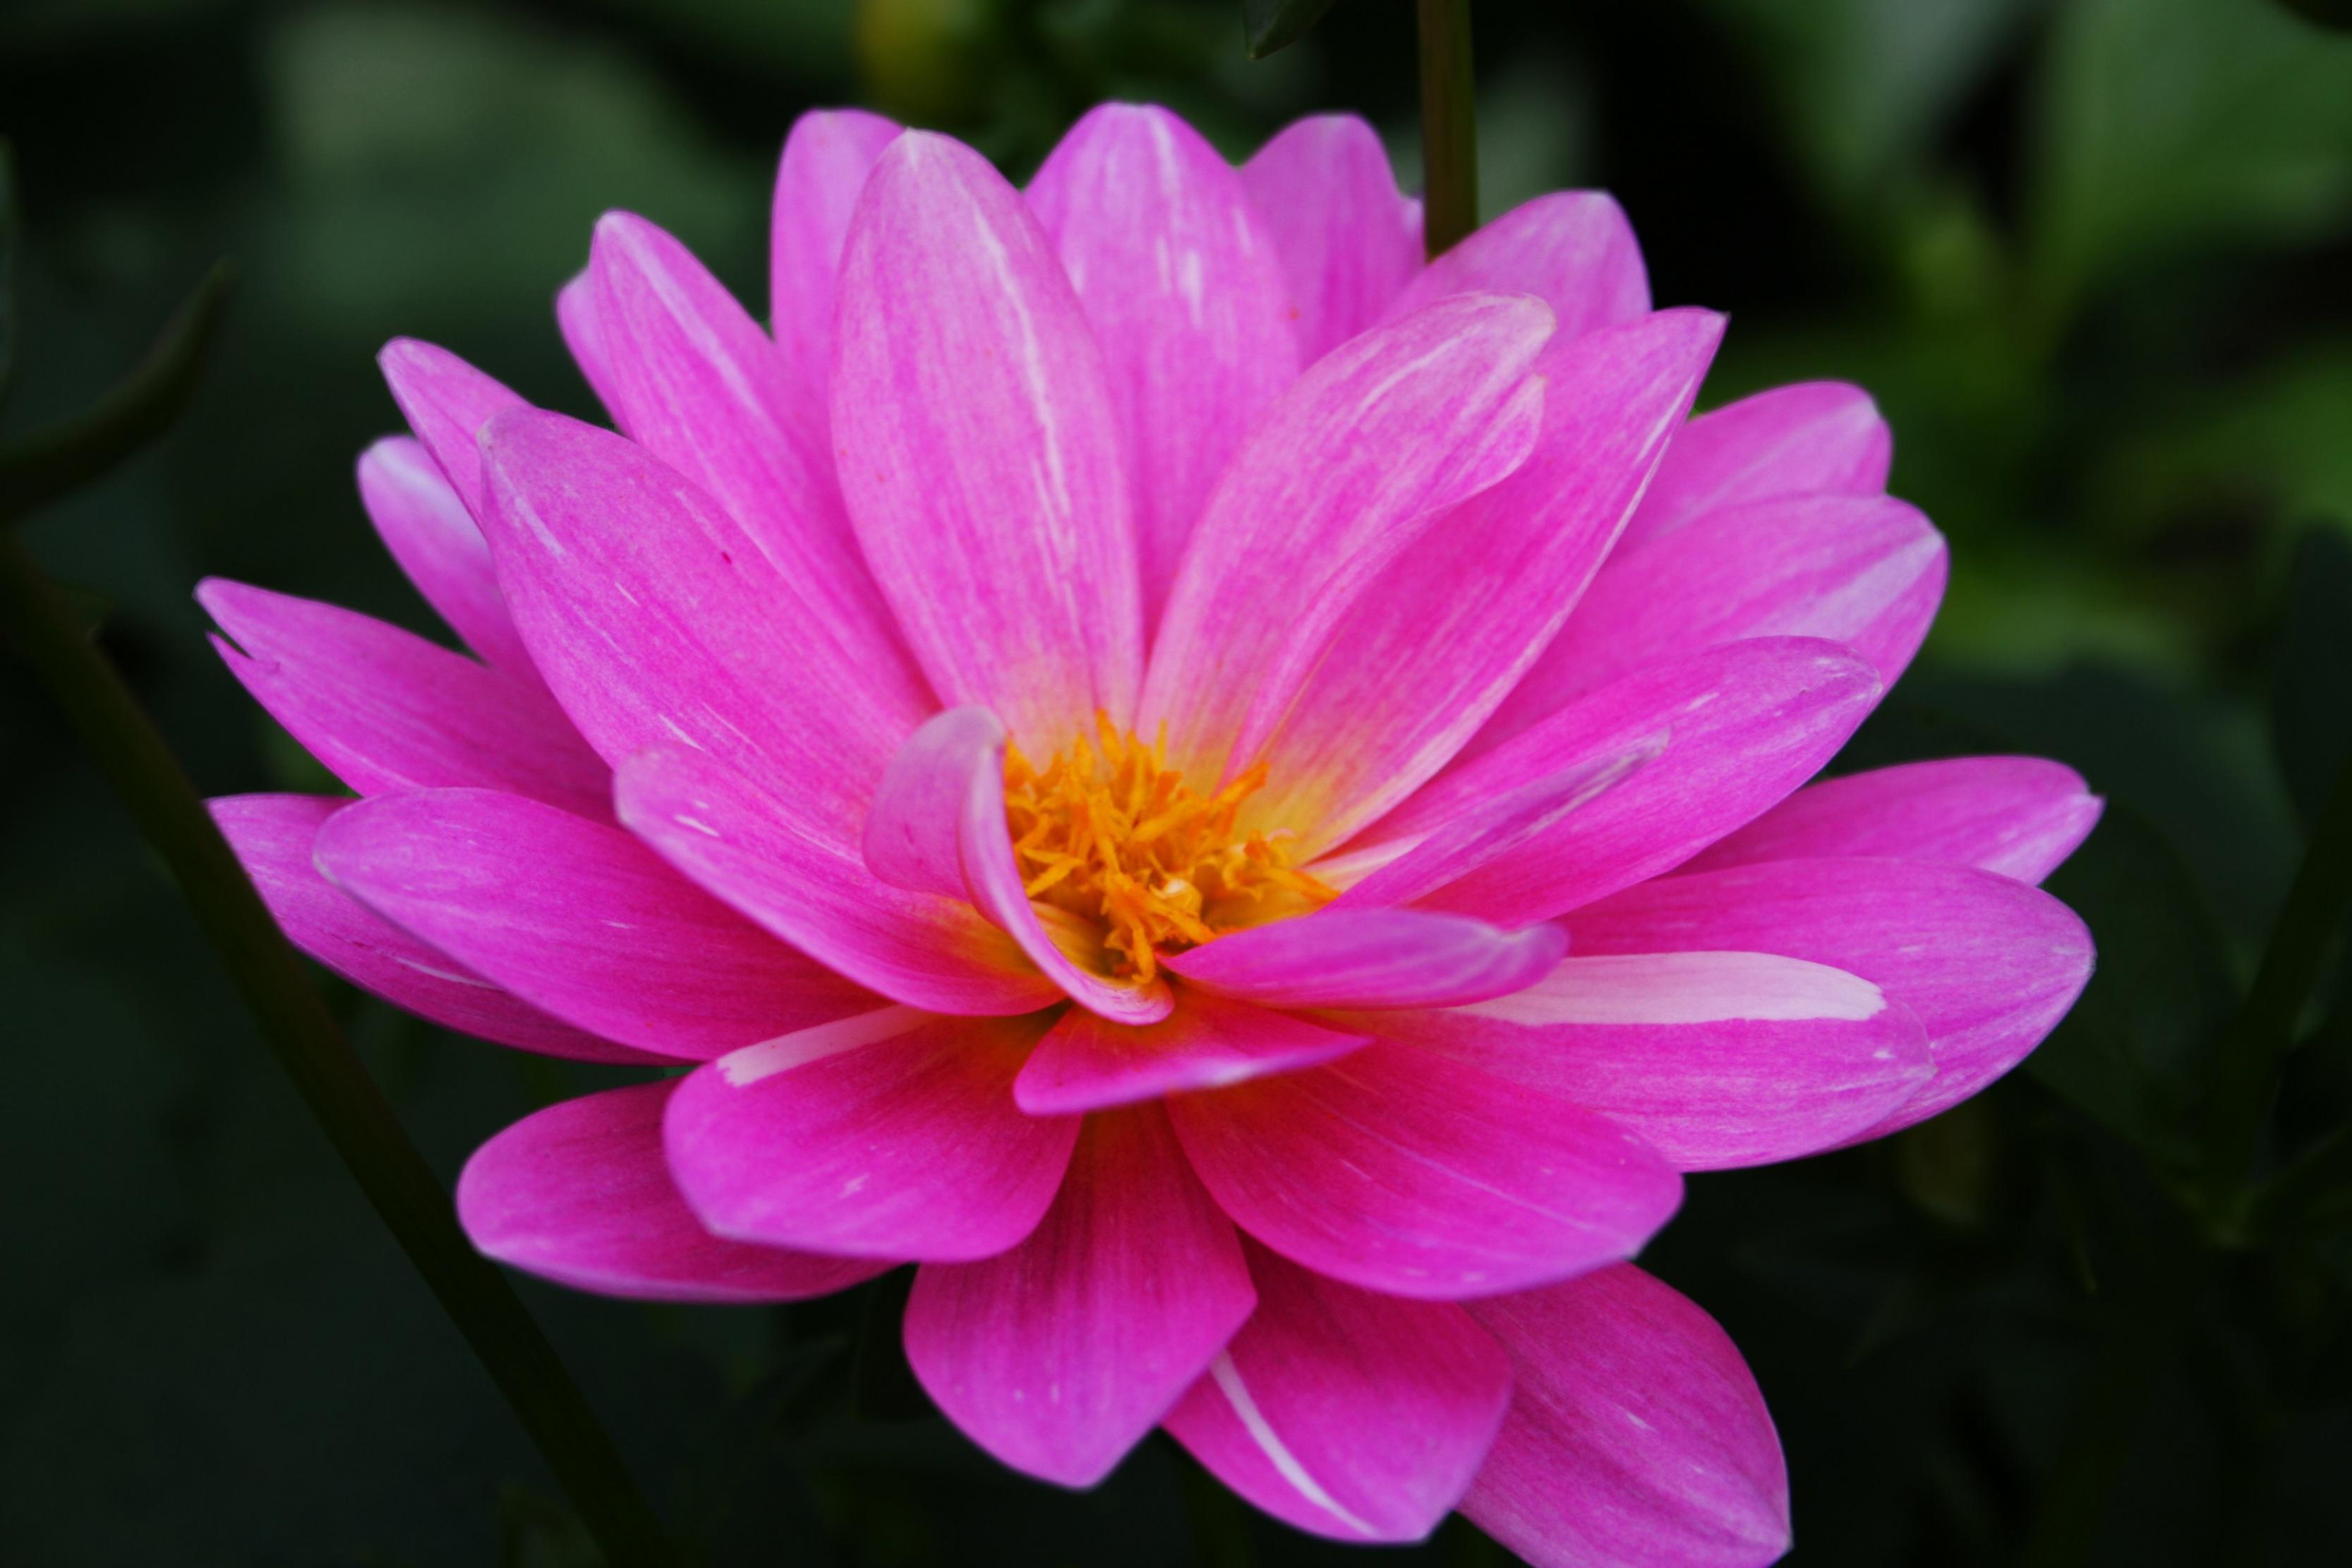 بالصور اجمل وردة في العالم , الورد وما اجمل الورود 3587 4